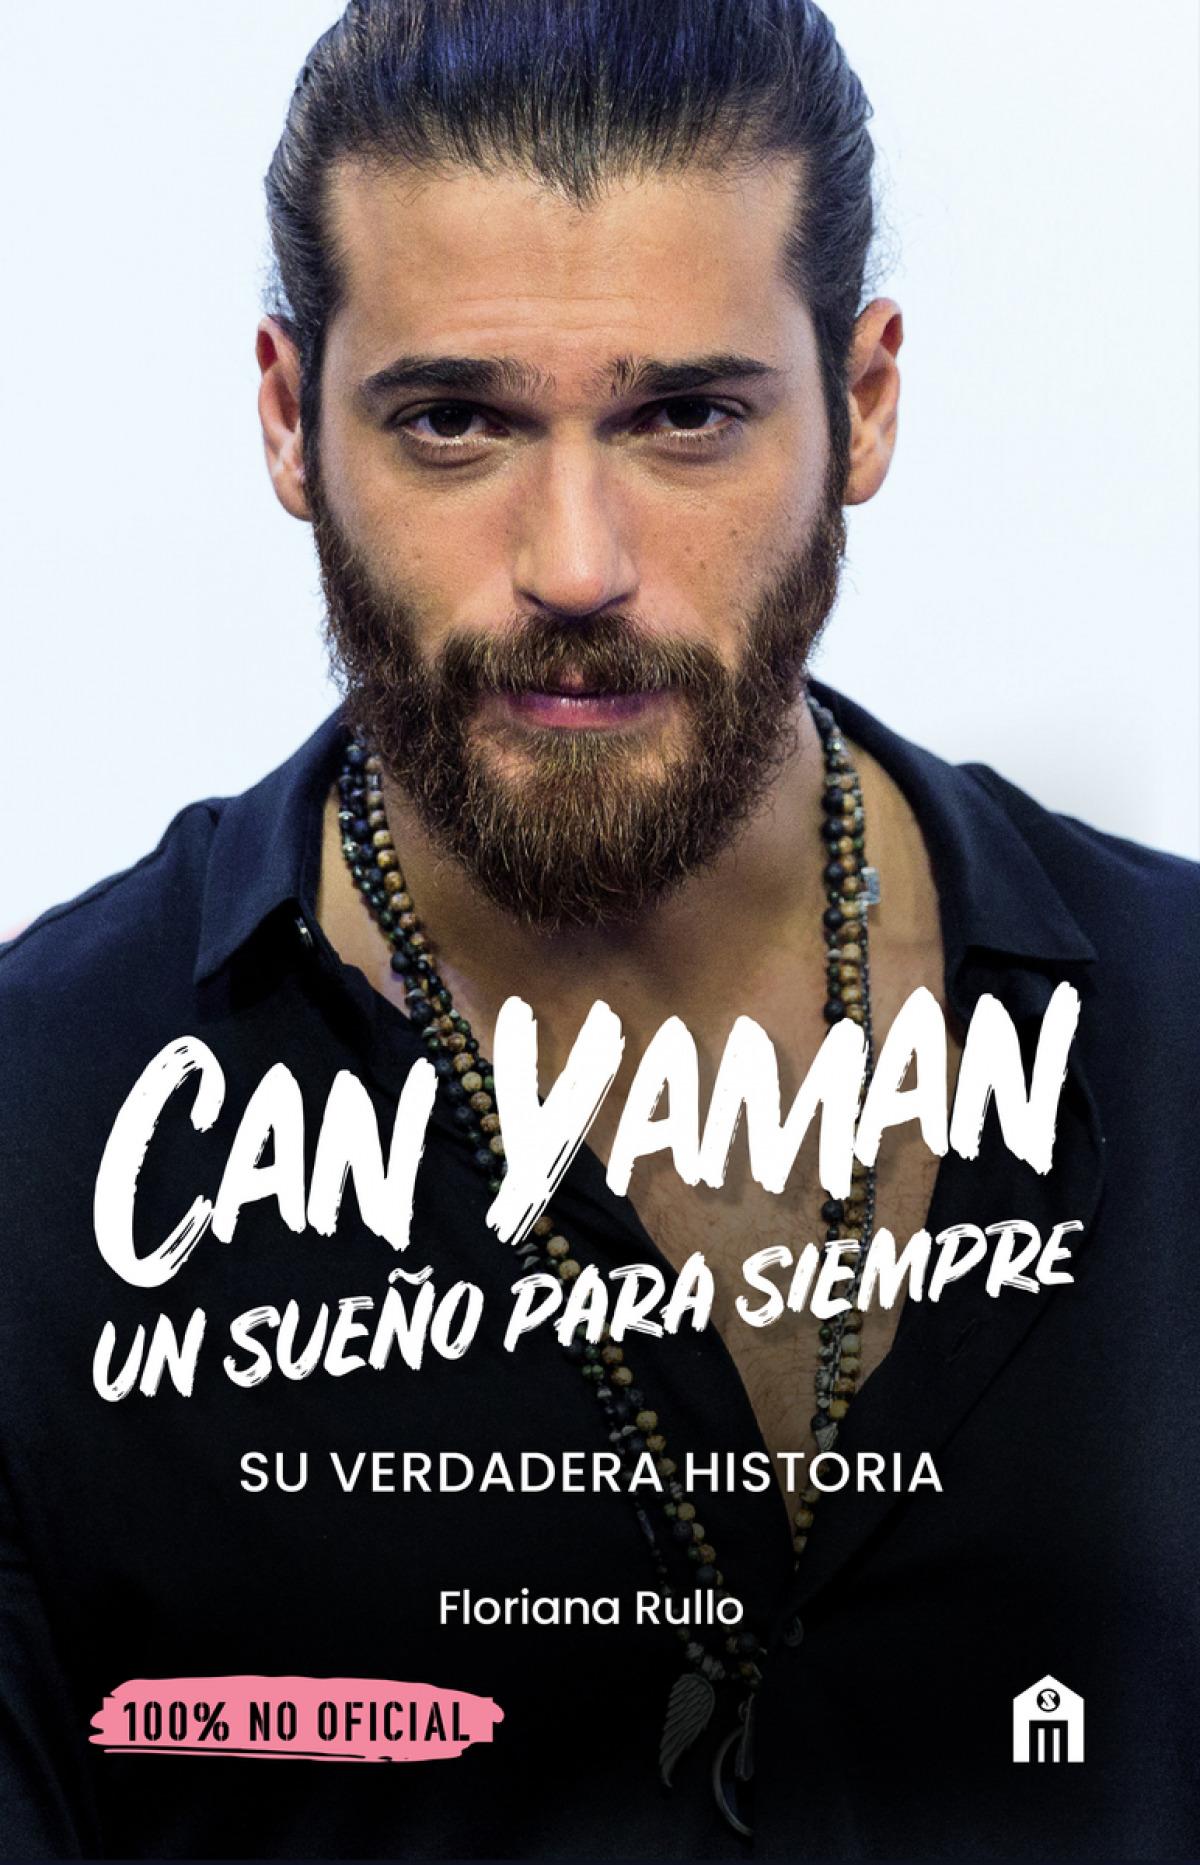 CAN YAMAN UN SUEñO PARA SIEMPRE 9791259570208